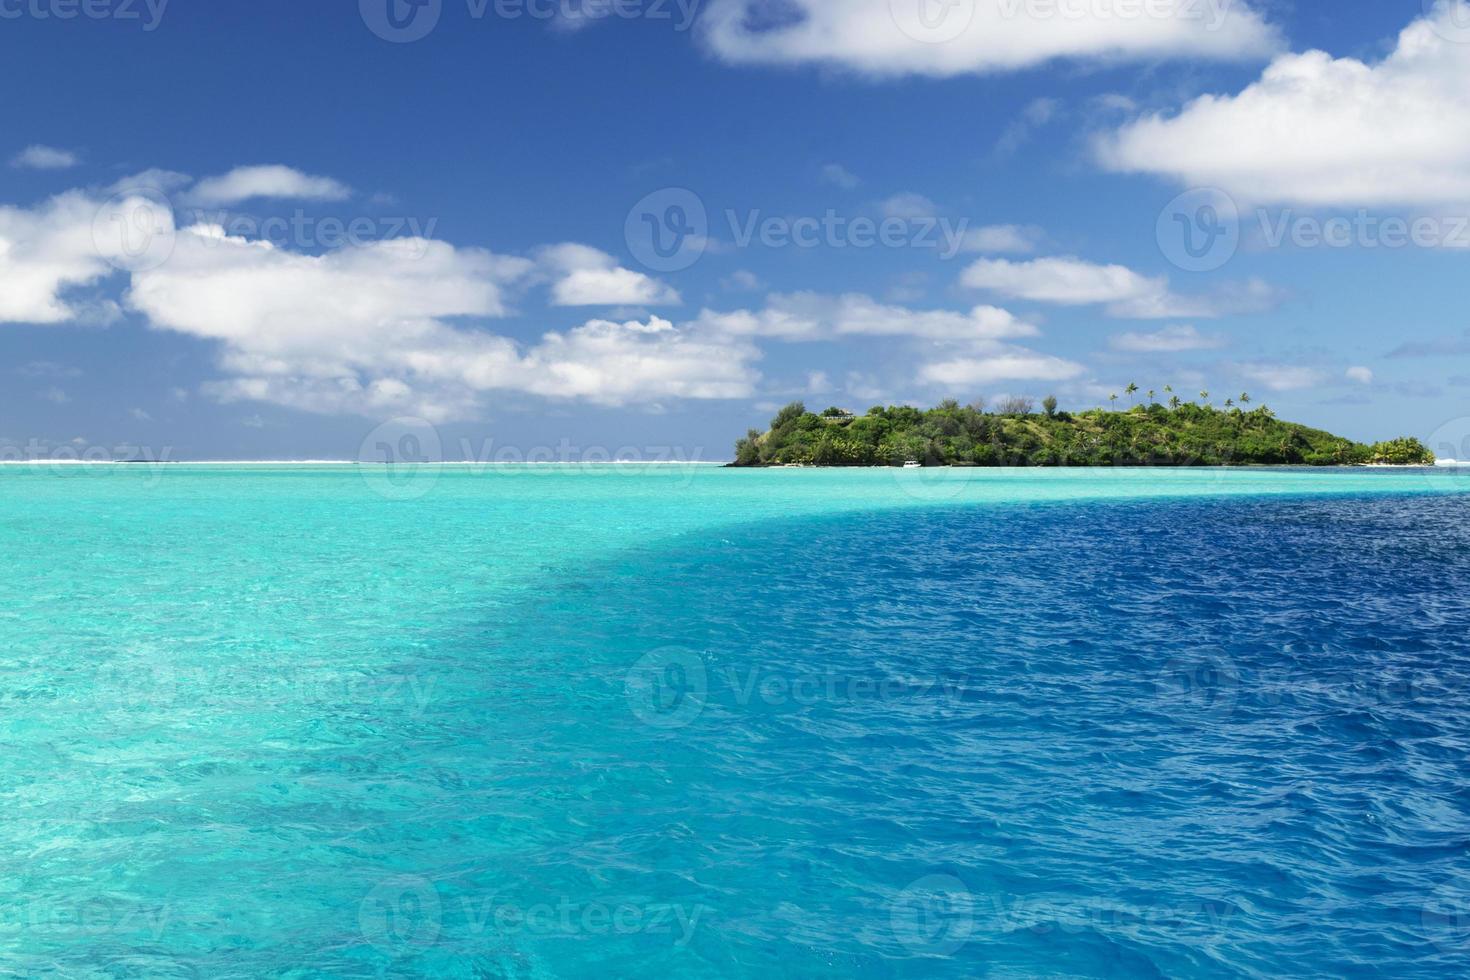 bora bora aqua en blauw water foto